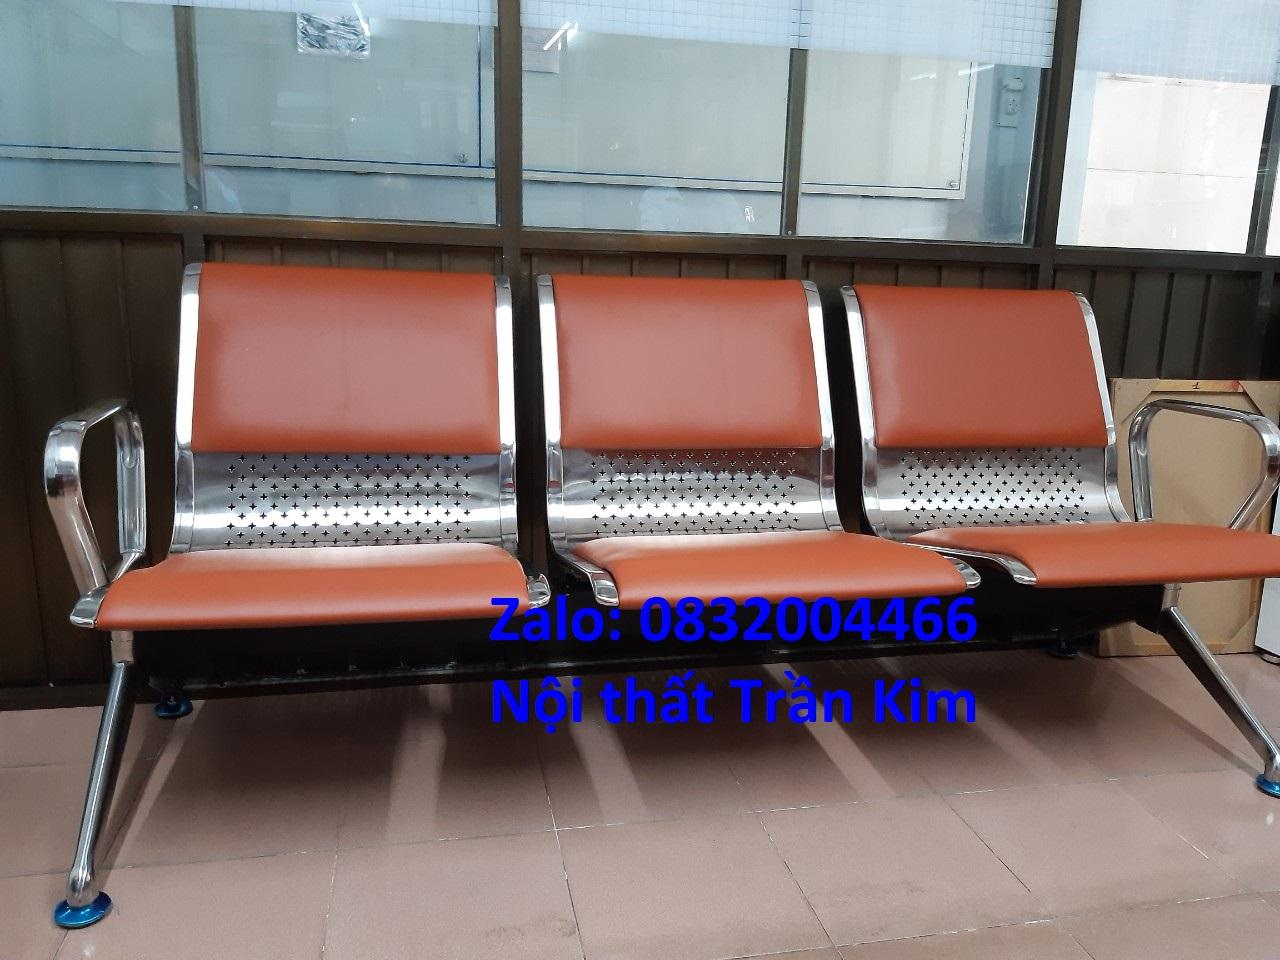 Ghế băng chờ Inox 3 chỗ tg3201n